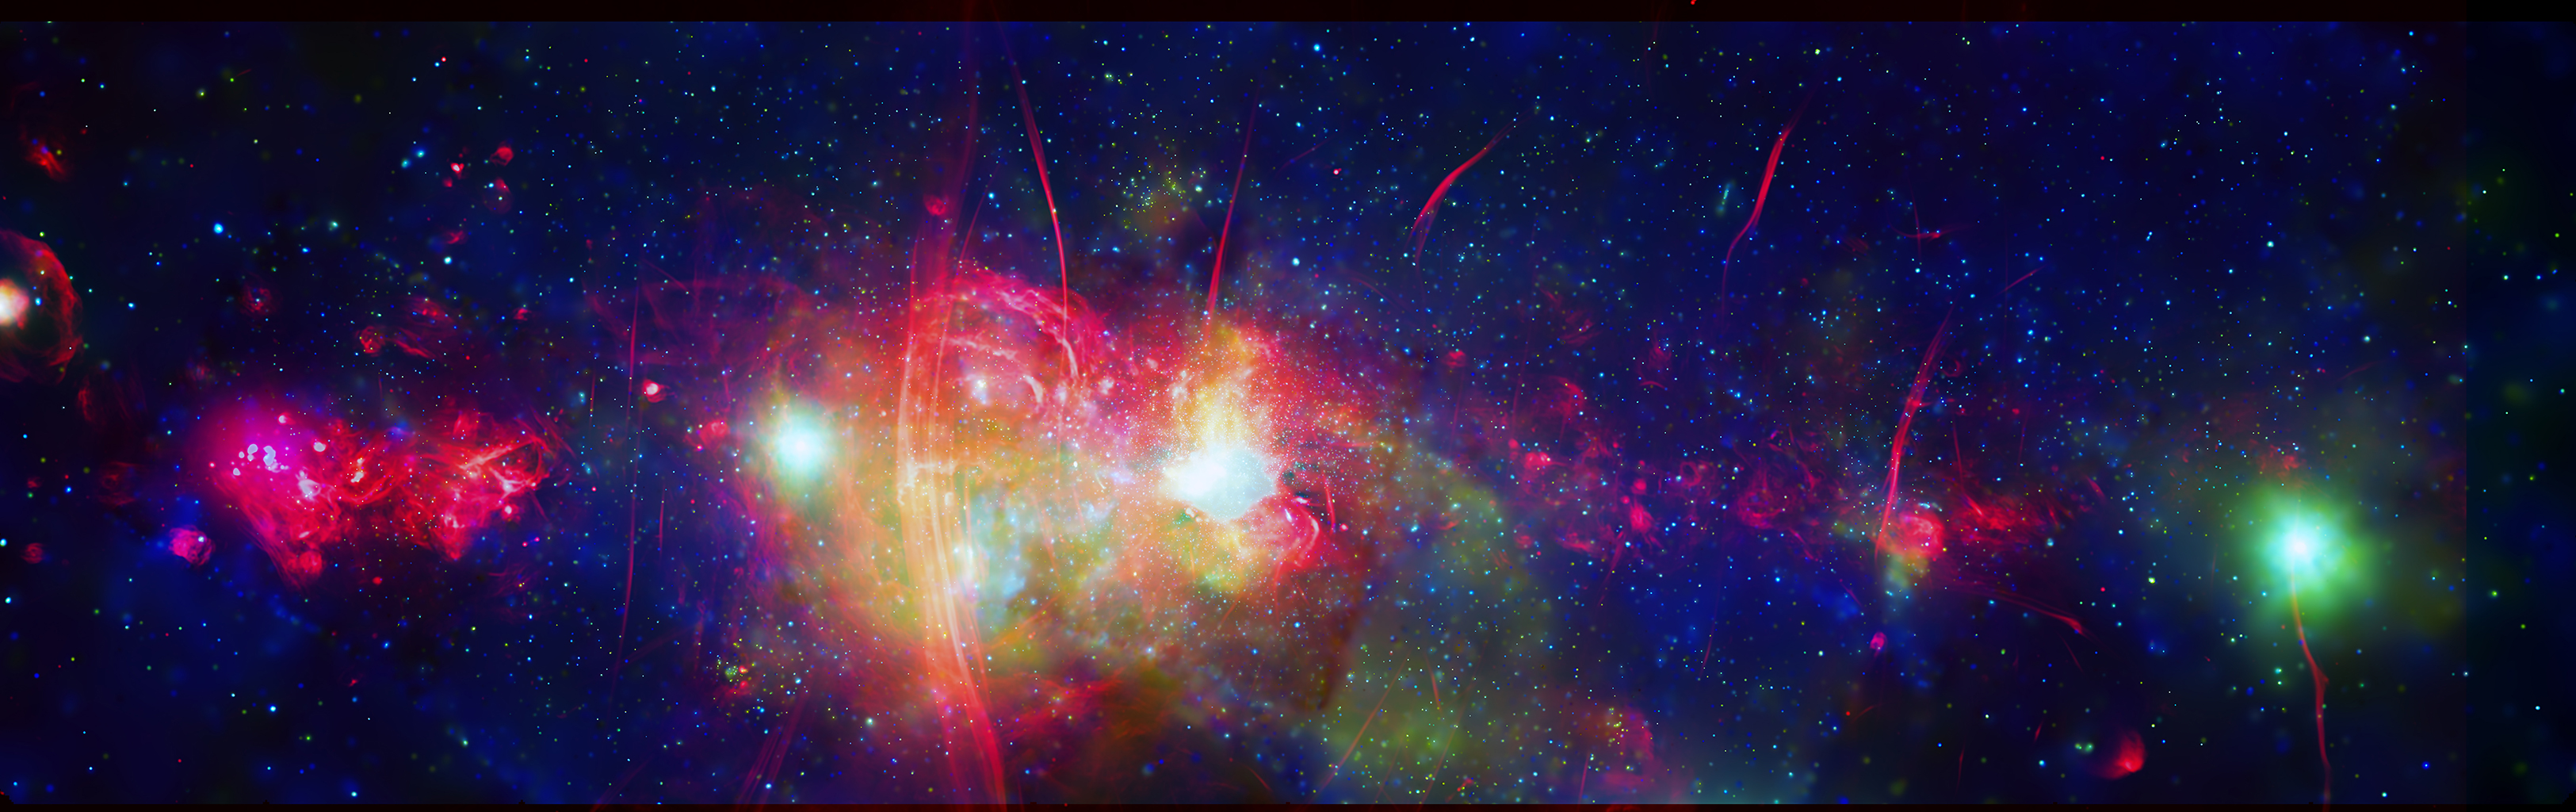 La région centrale de notre galaxie, la Voie lactée